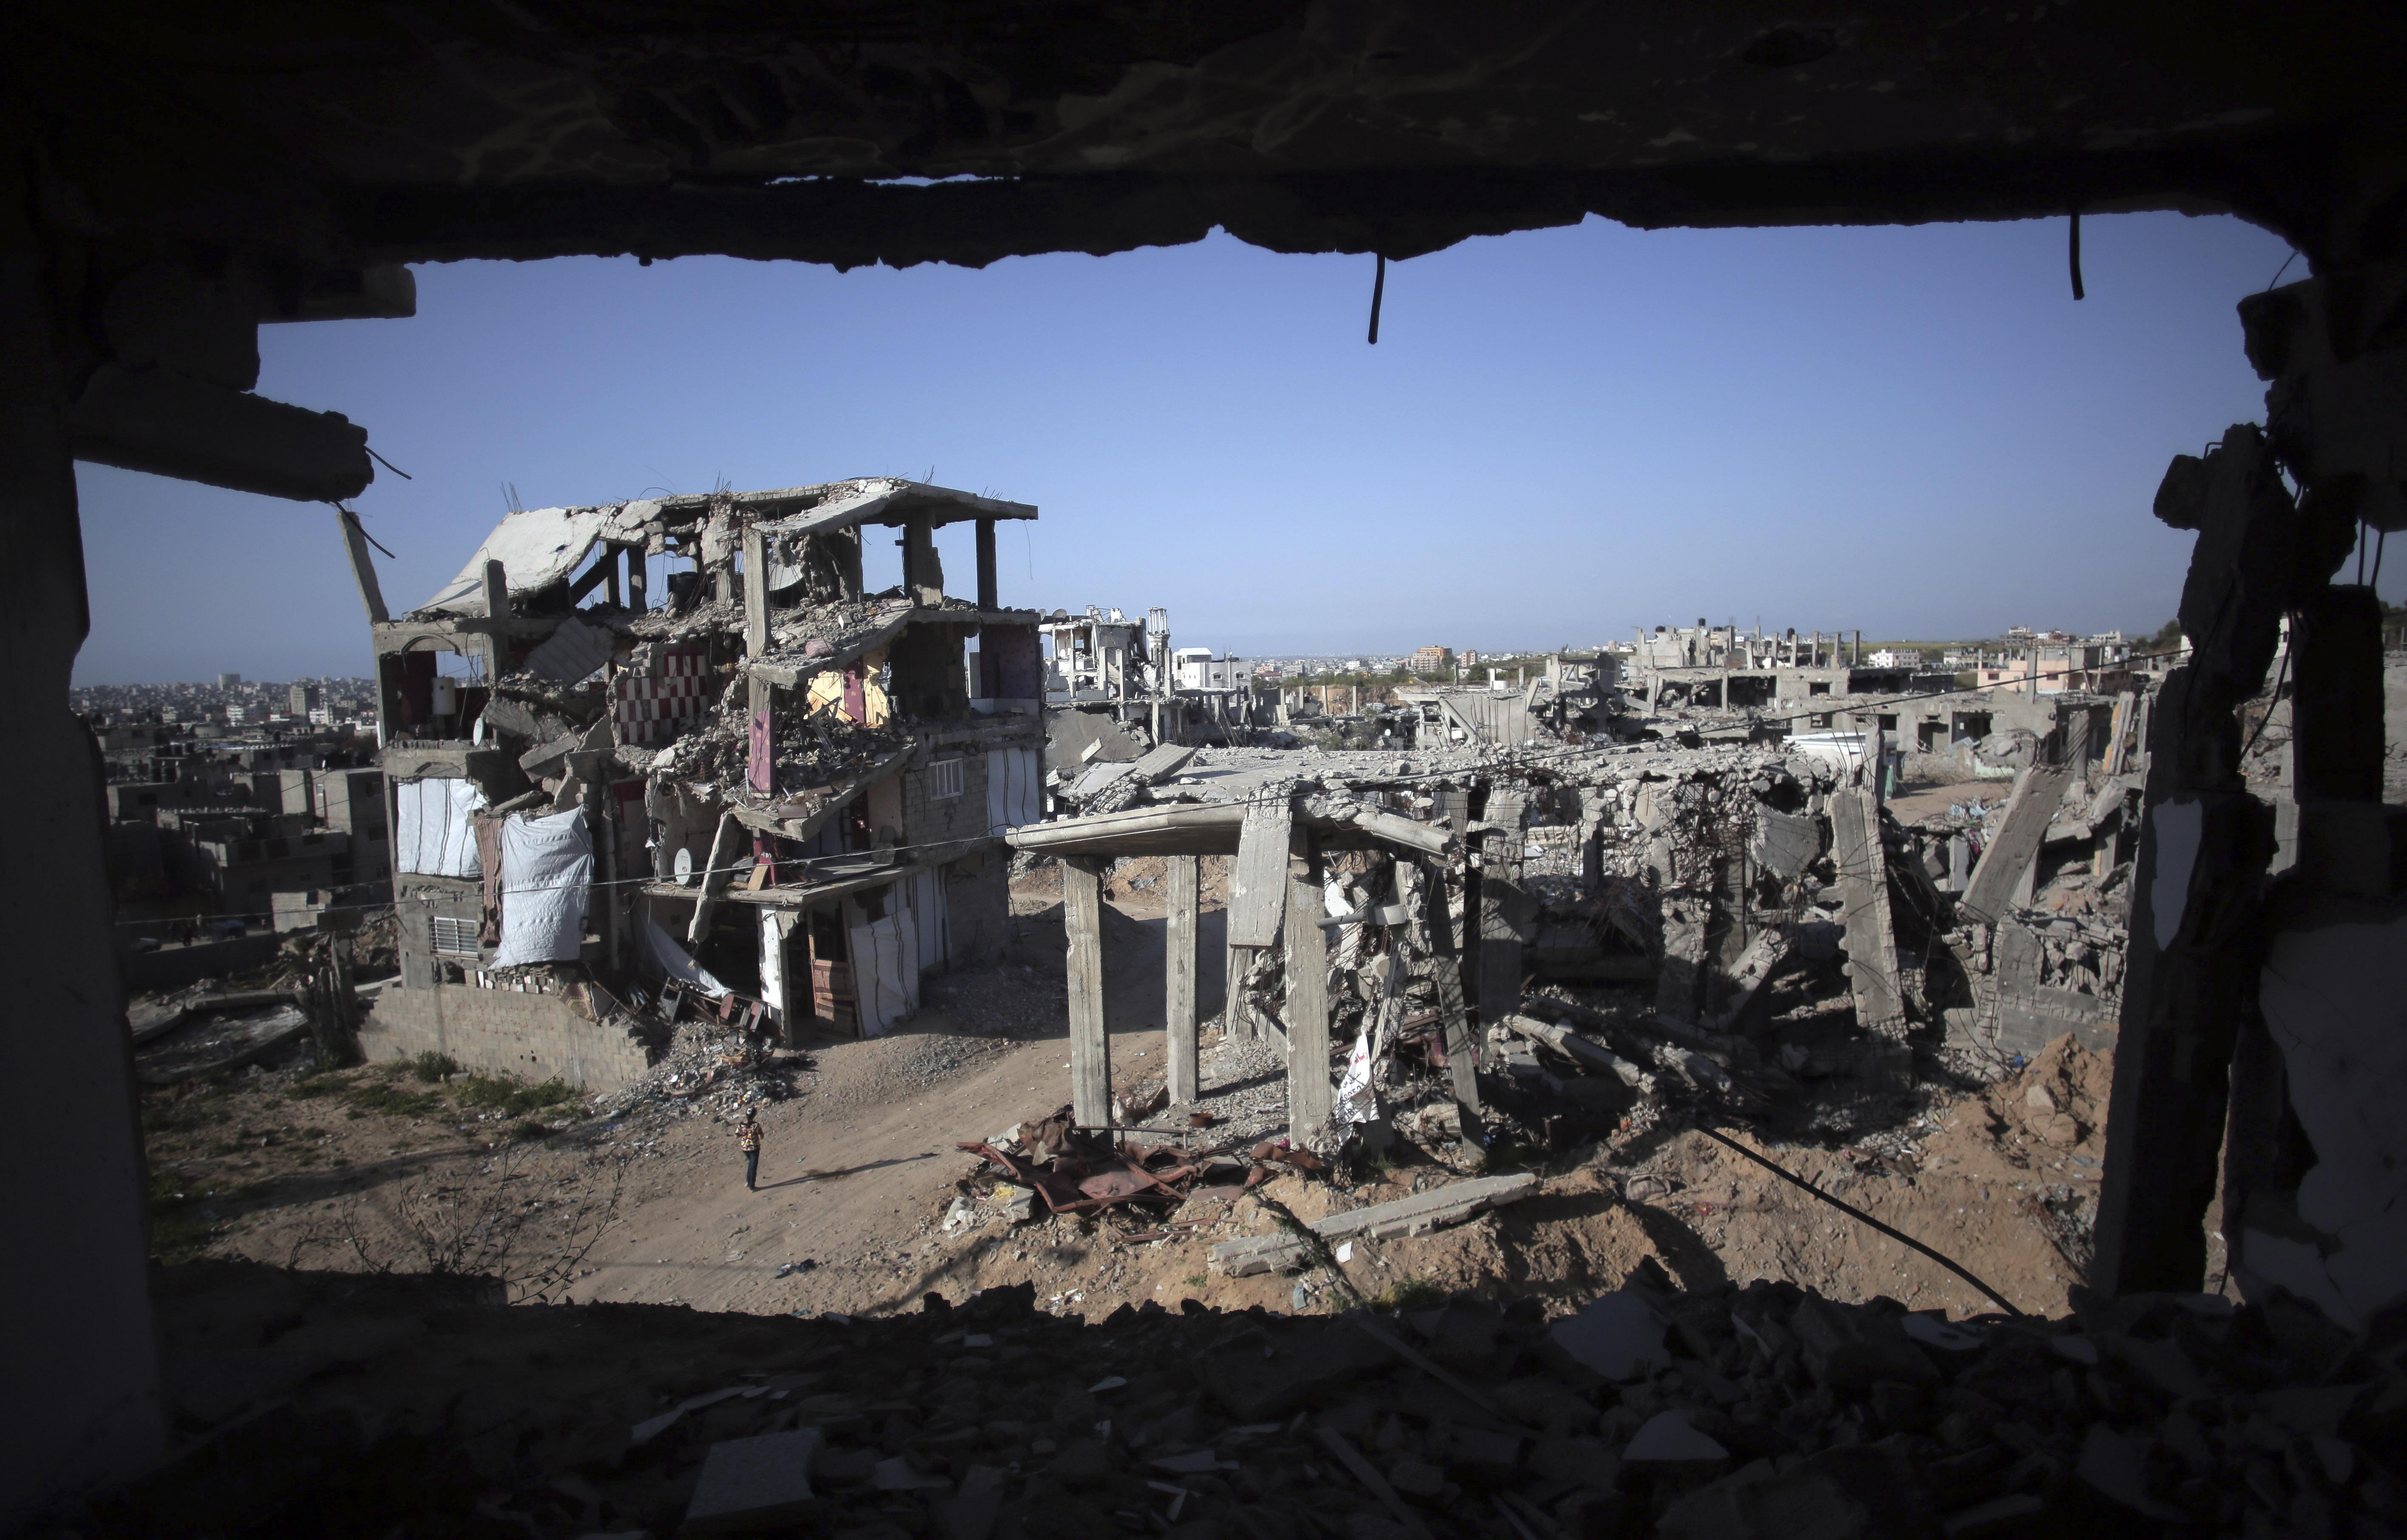 Ισραήλ απειλεί Γάζα: Βαρύ το τίμημα εάν υπάρξουν και άλλες ρουκέτες   tovima.gr